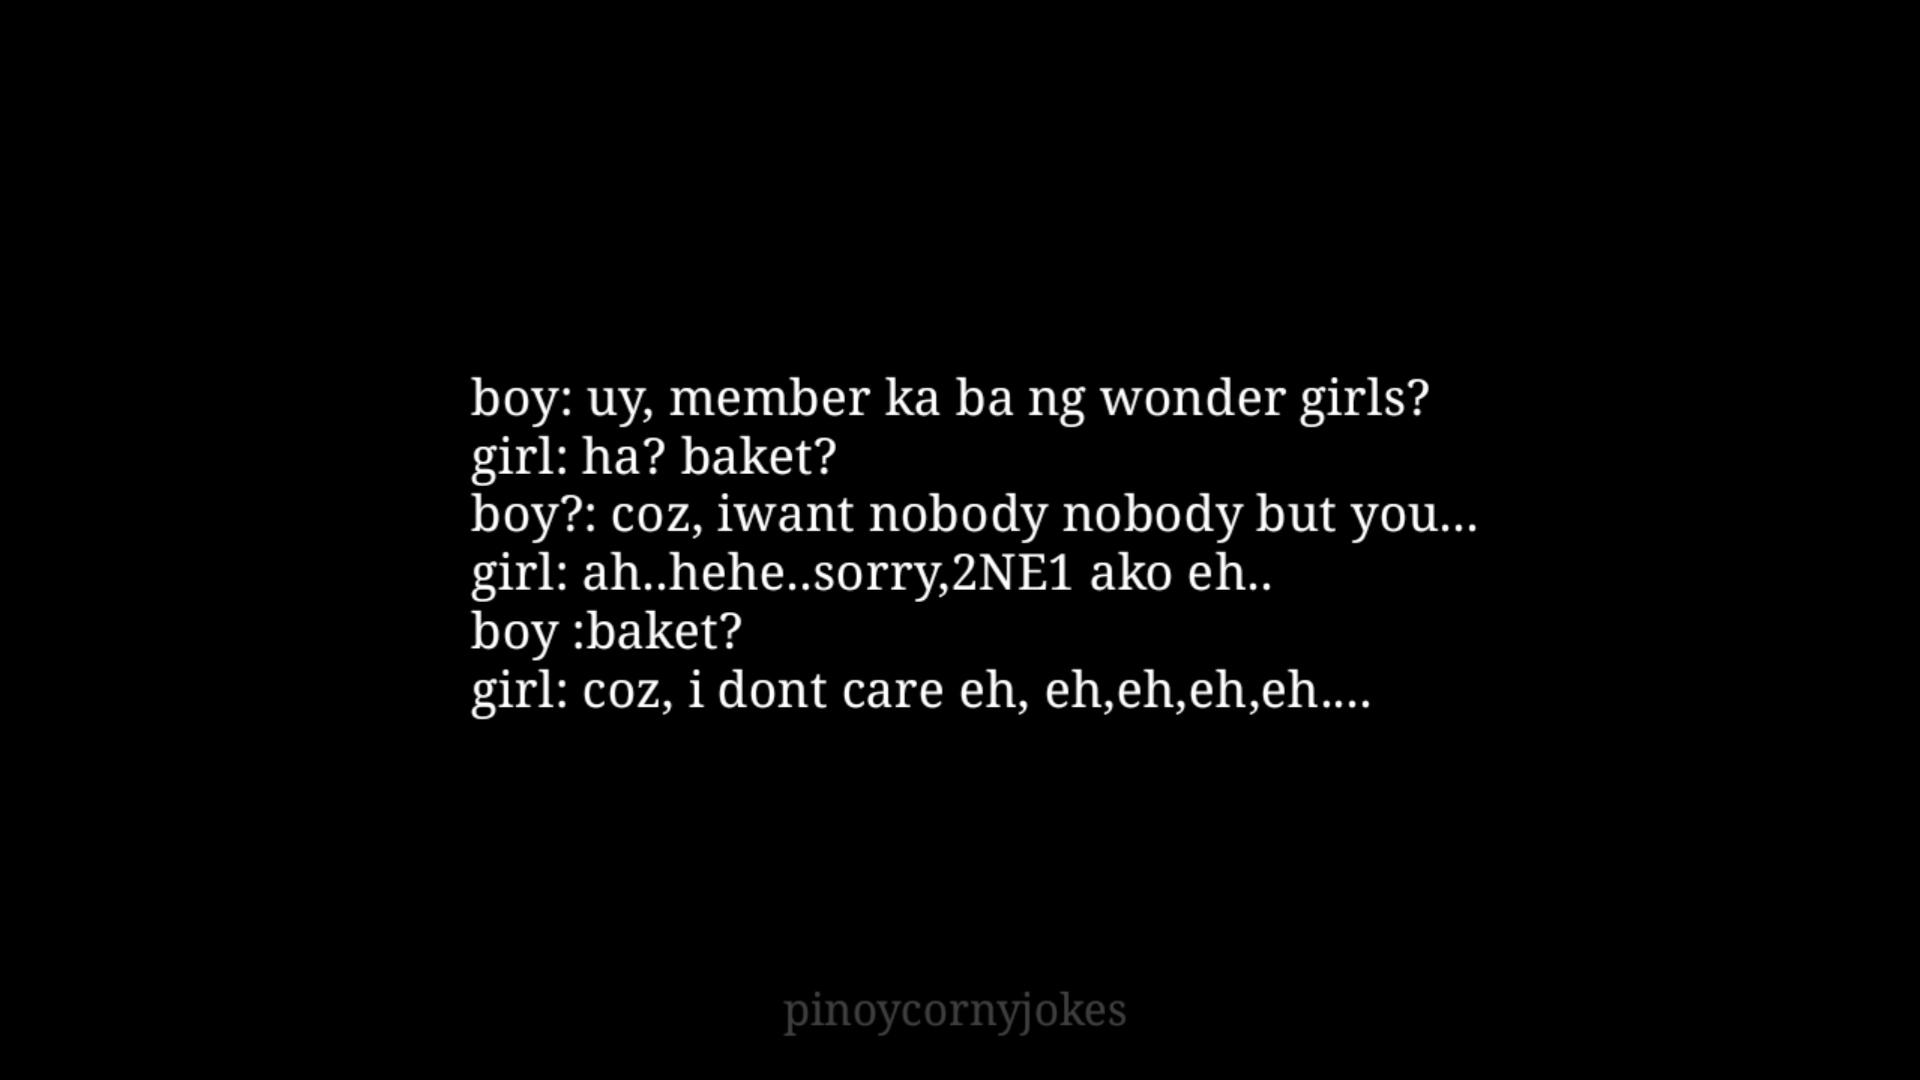 wonder girls tagalog pick up lines